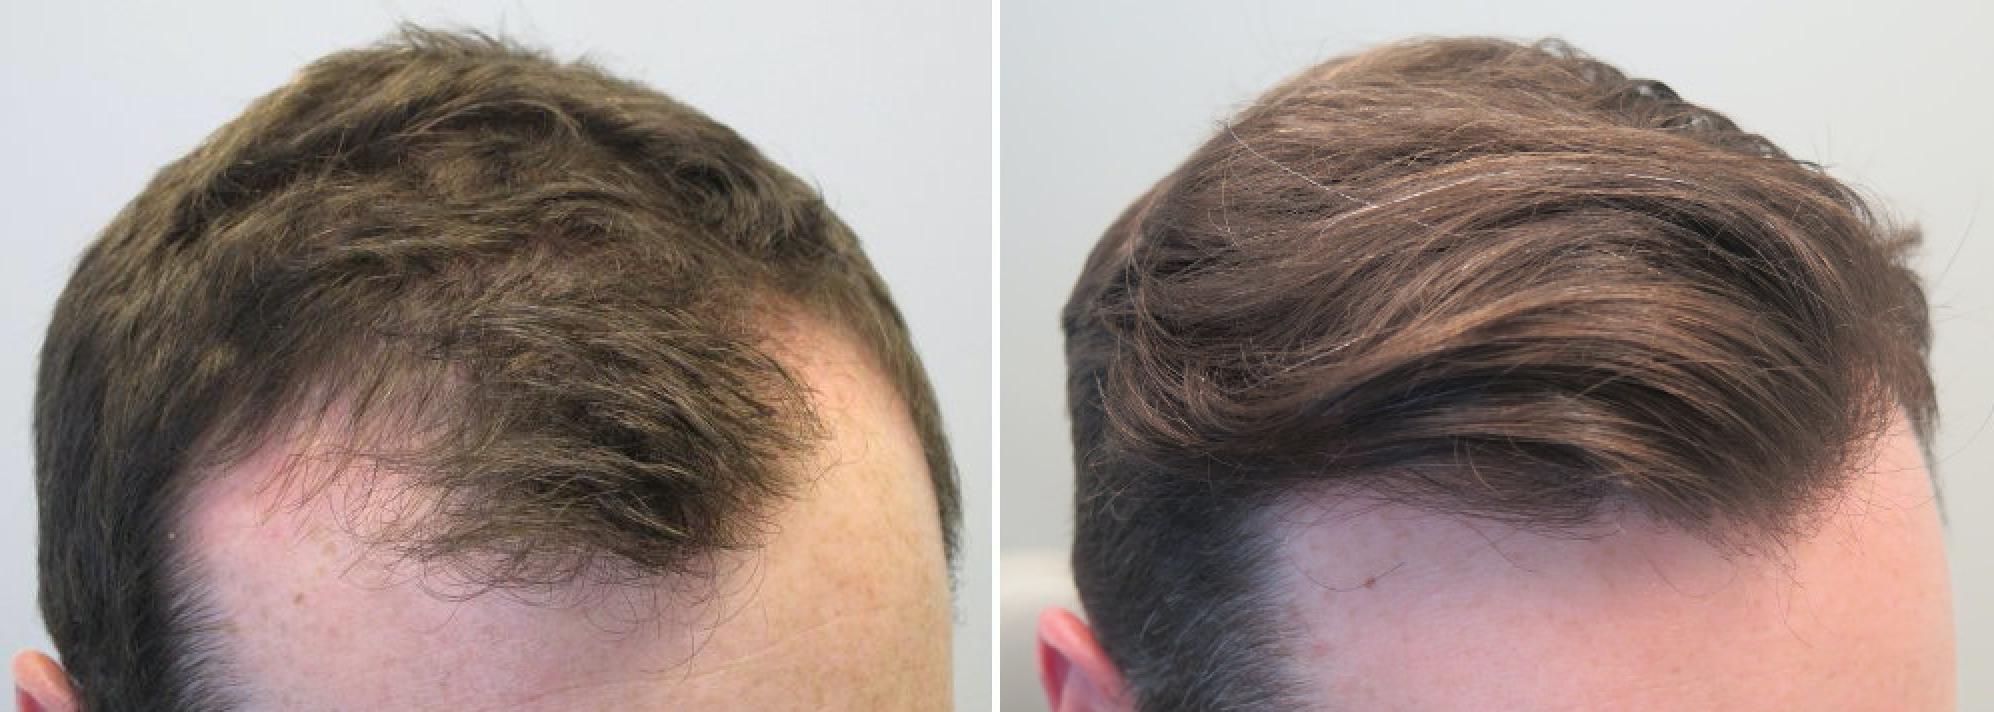 Kết quả hình ảnh cho hói đầu spa